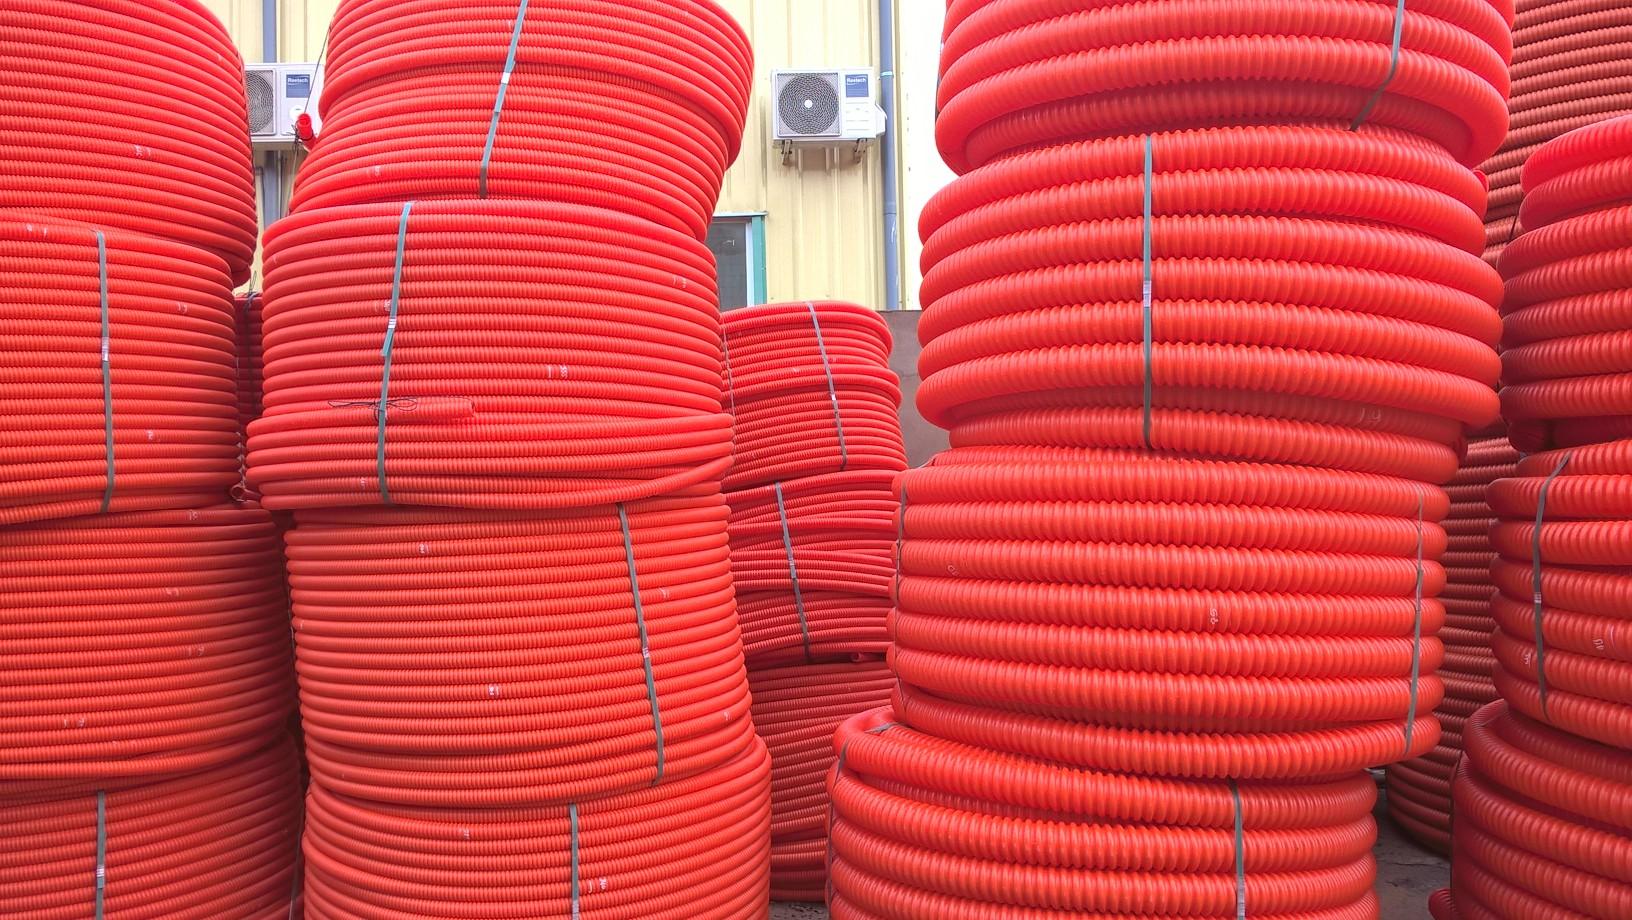 Ống nhựa xoắn luồn dây điện tây ninh